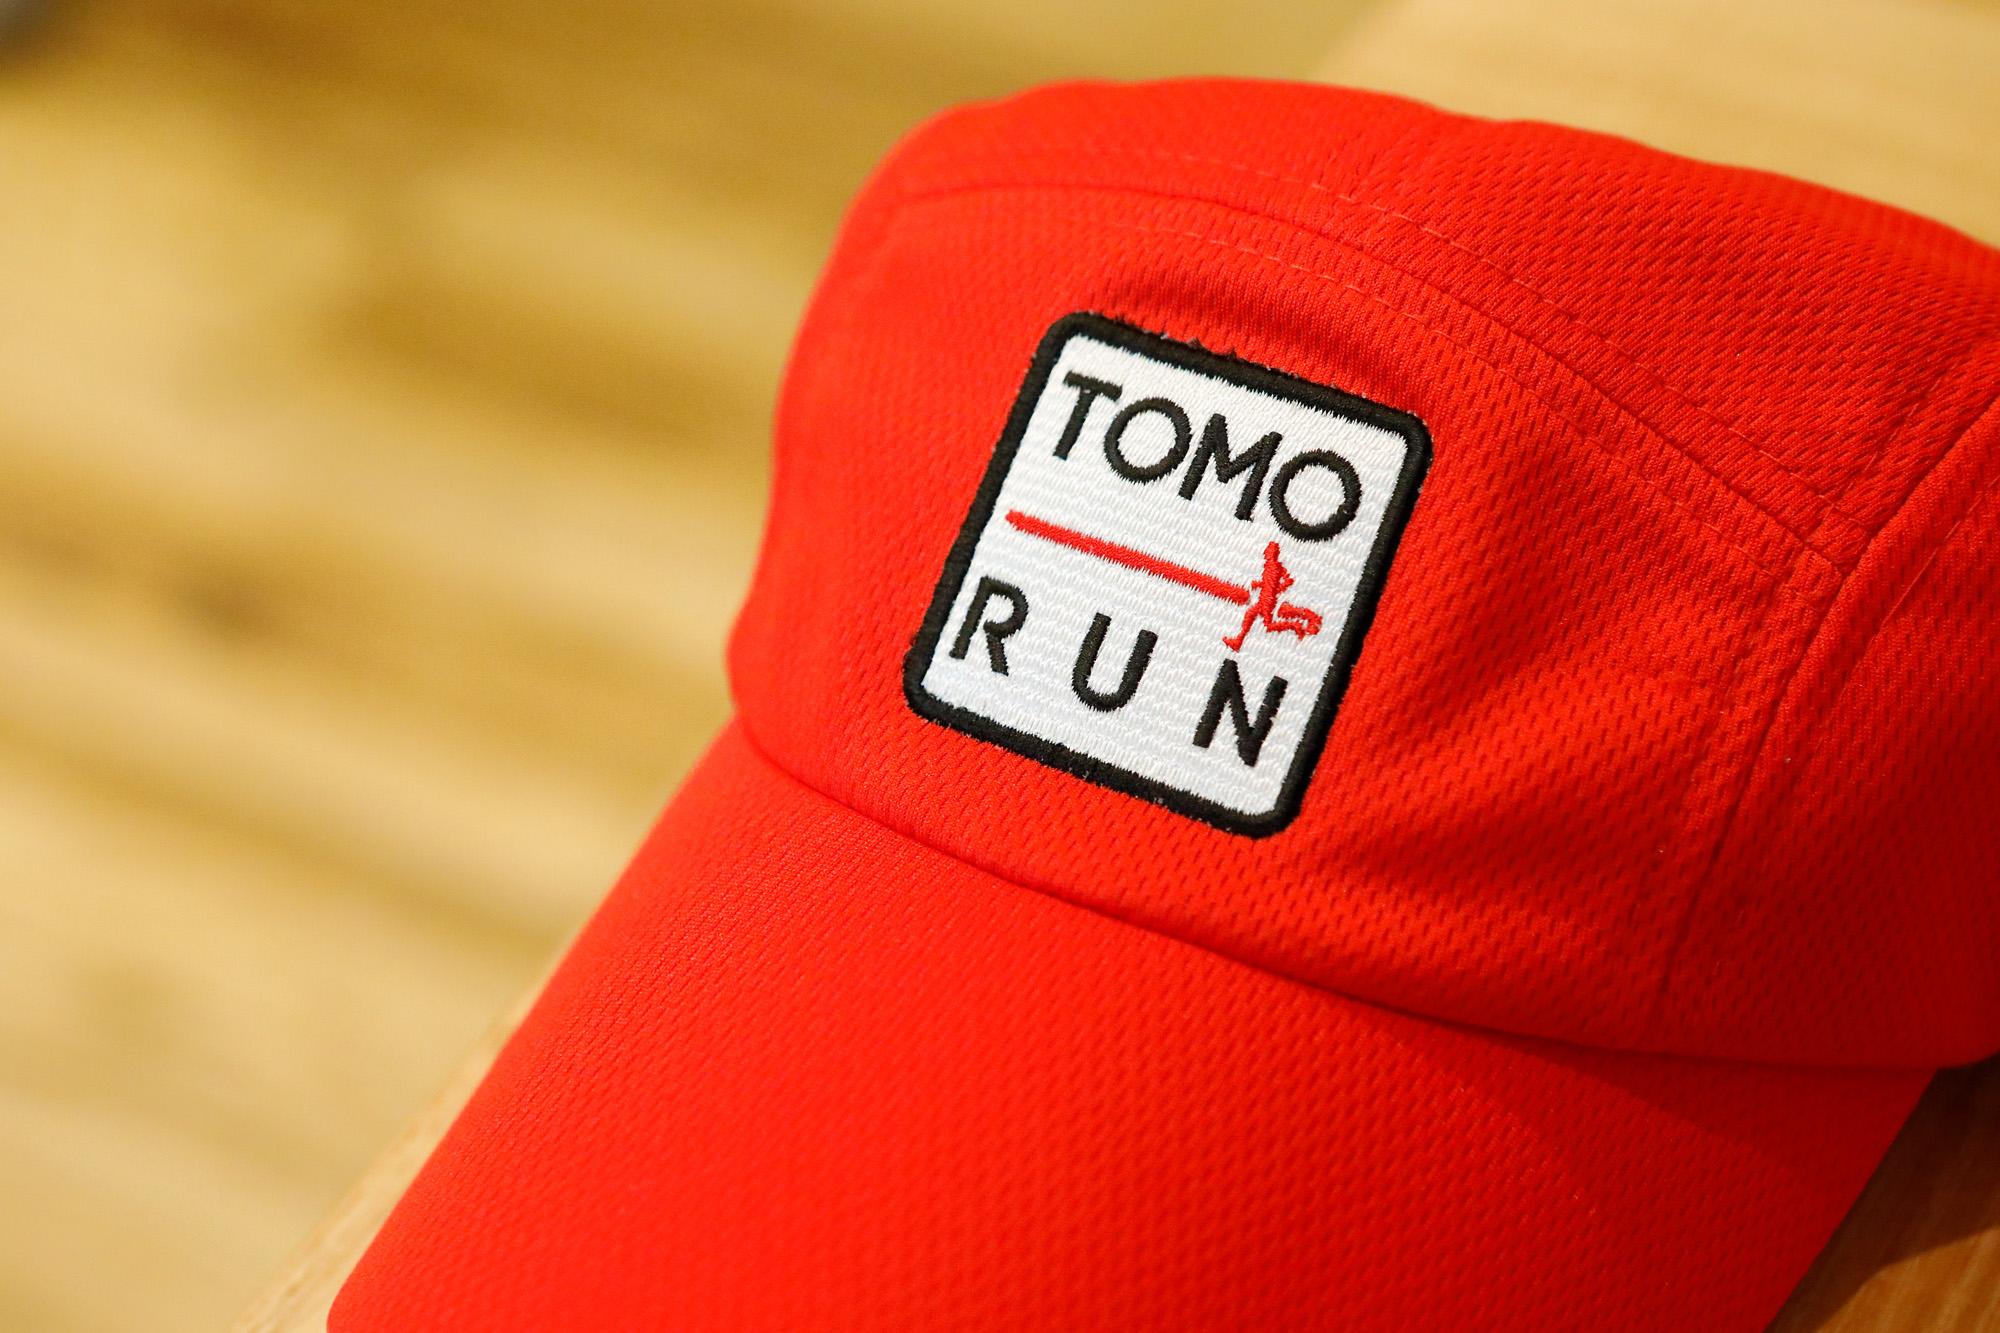 TOMO RUN 静岡教室<br>生徒募集のお知らせ